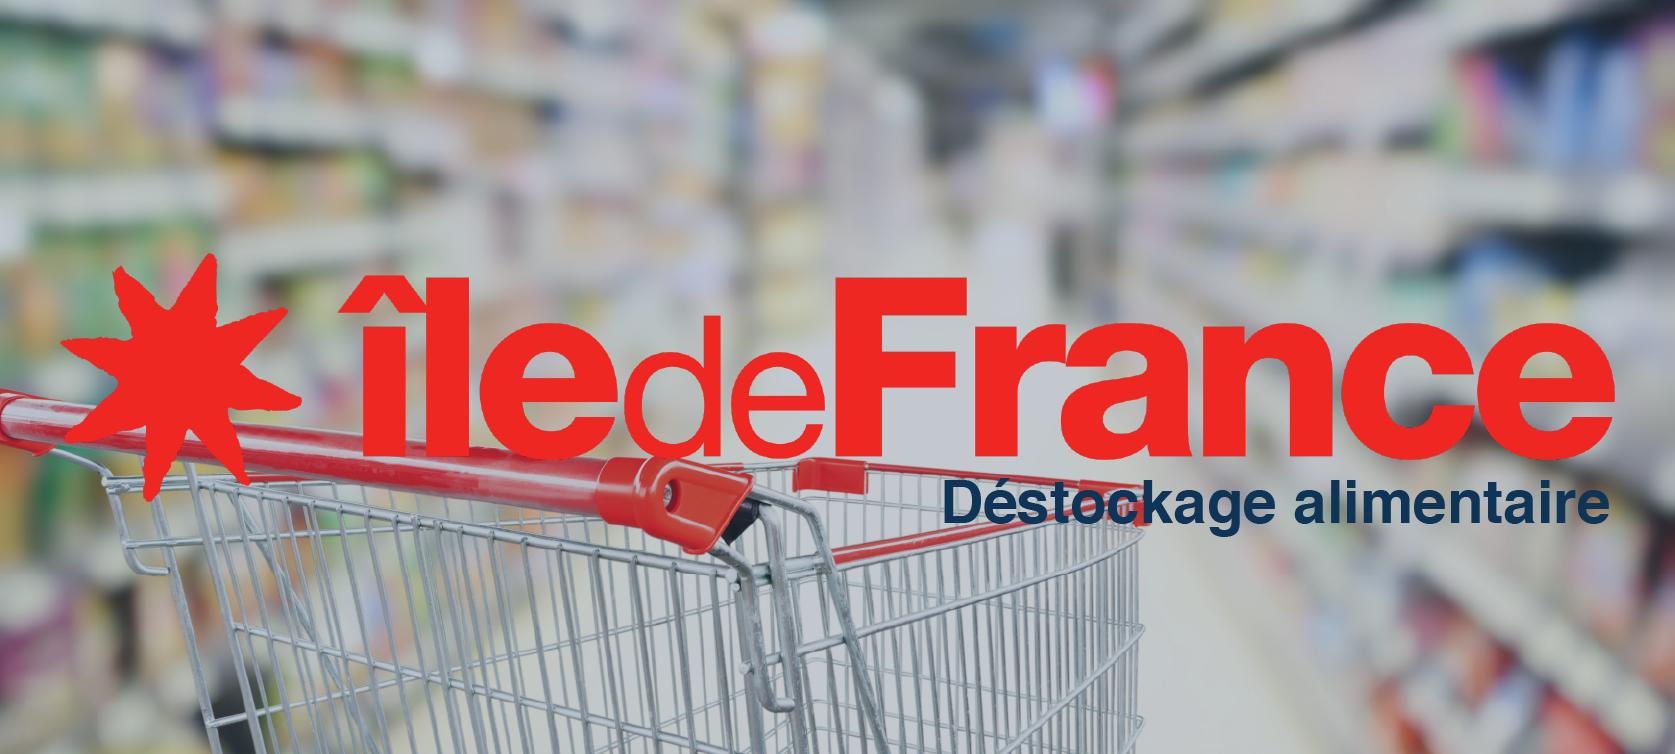 Destockage ile-de-france